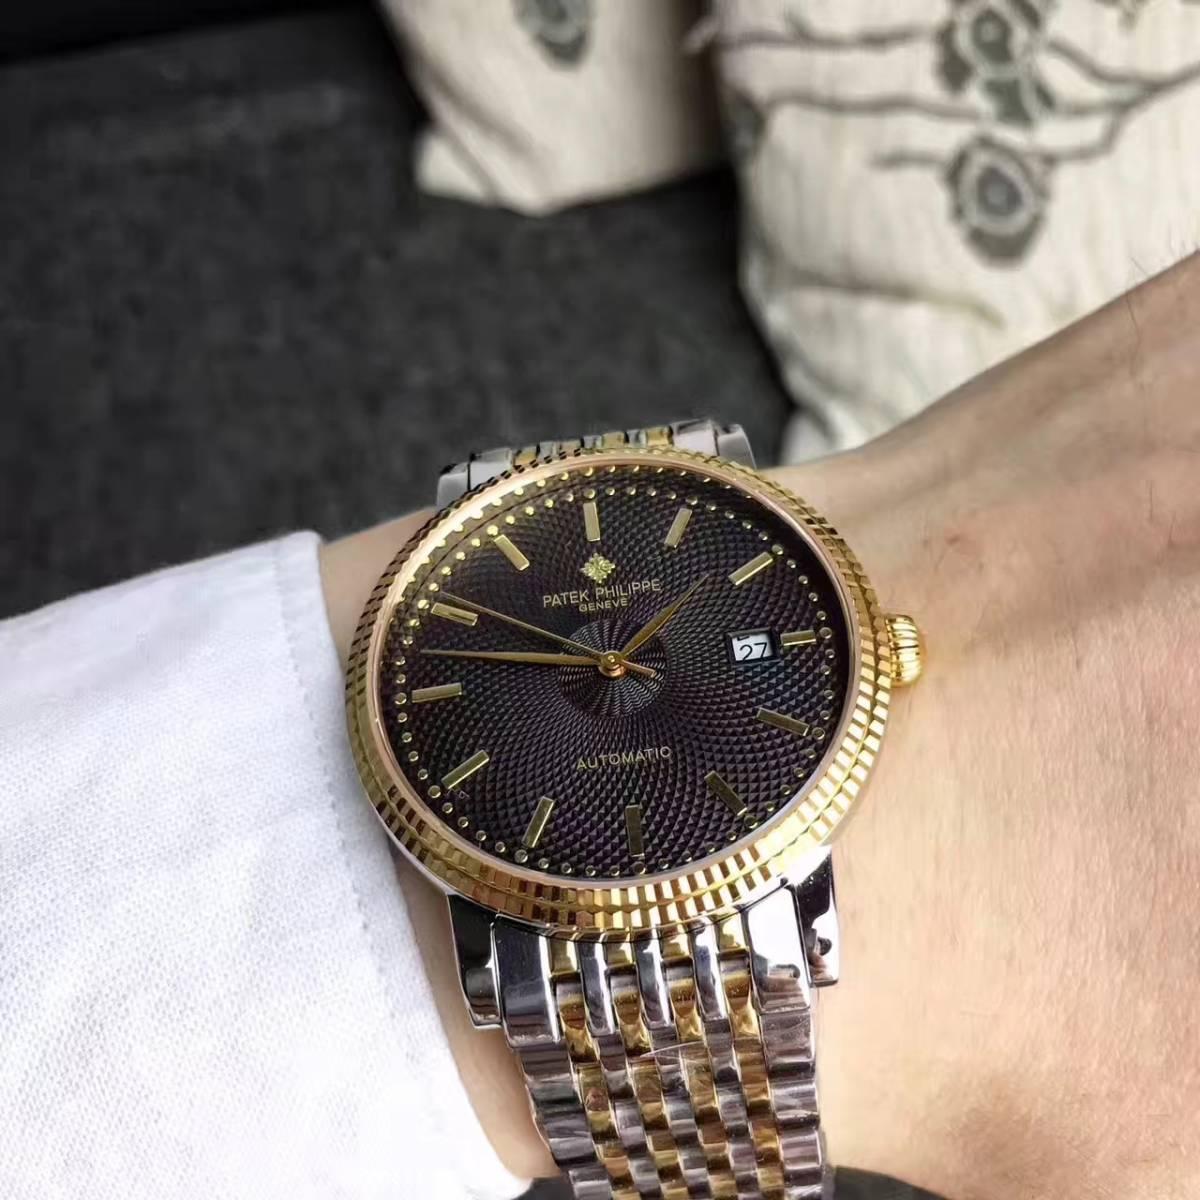 新品 パテックフィリップ 男性用 腕時計 Patek Philippe ステンレス メンズウォッチ 自動巻き